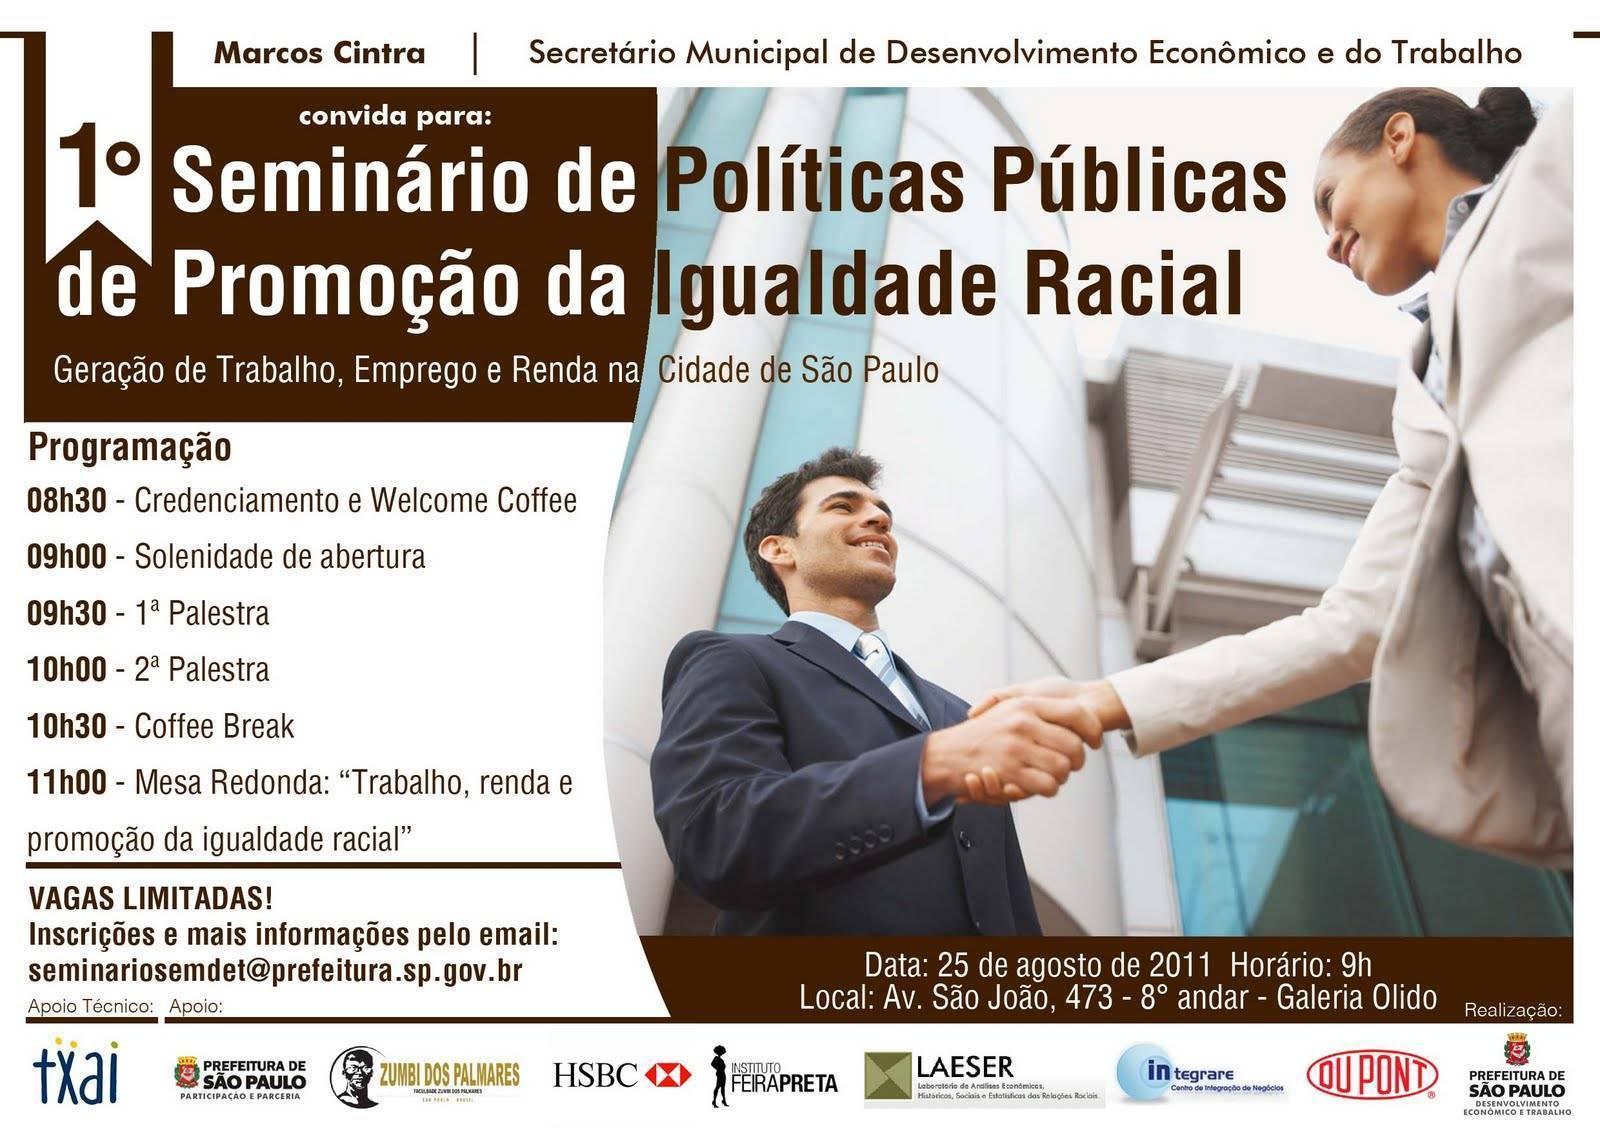 São Paulo - 1o Seminário de Políticas Públicas de Promoção da Igualdade Racial